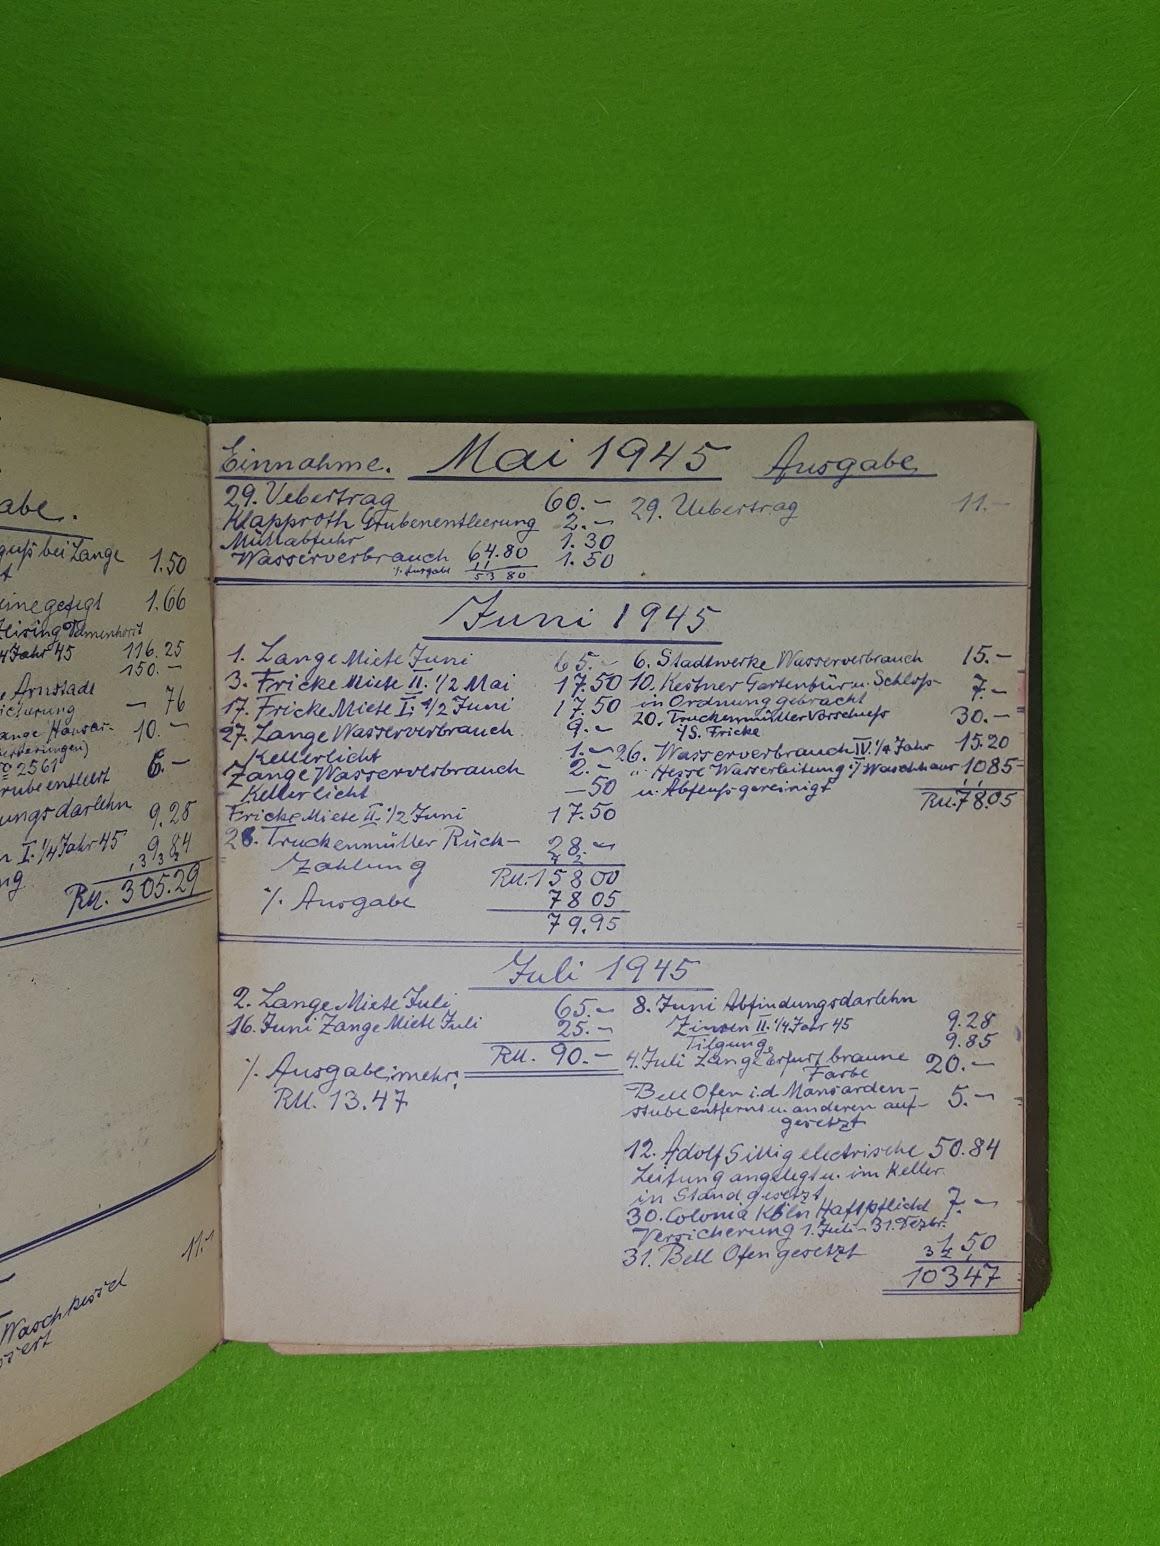 Wandertagebuch - Juli/August 1921 - Fortsetzung 1944 als Haus-Konto-Buch